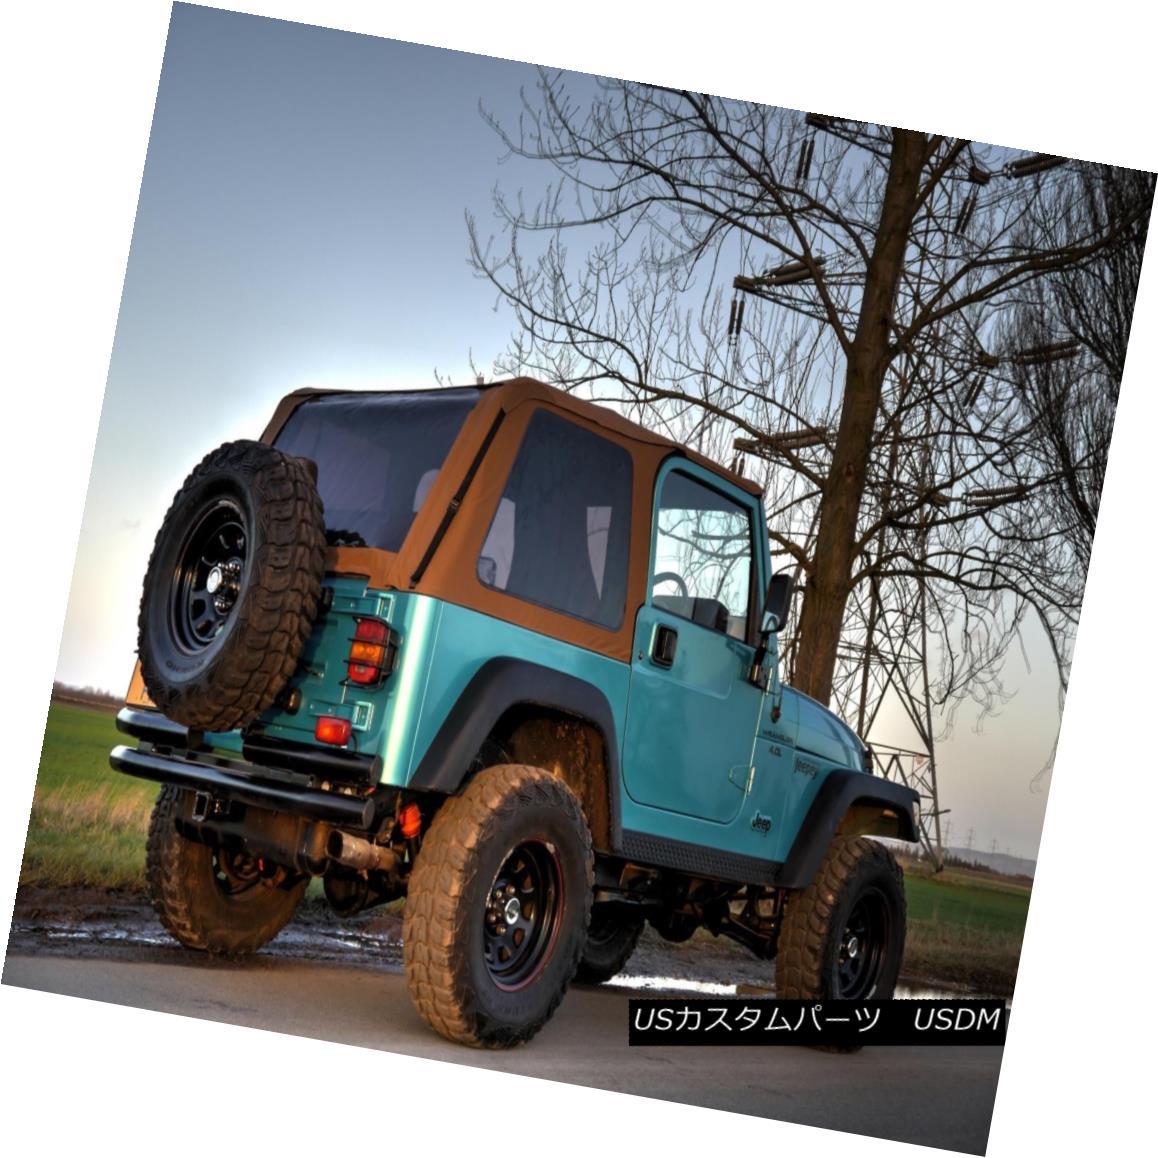 幌・ソフトトップ 1997-2006 Jeep Wrangler Bowless Soft Top Kit with Tinted Windows in Spice 1997年?2006年ジープ・ラングラー・ボウレスソフトトップキット(香辛料入り)